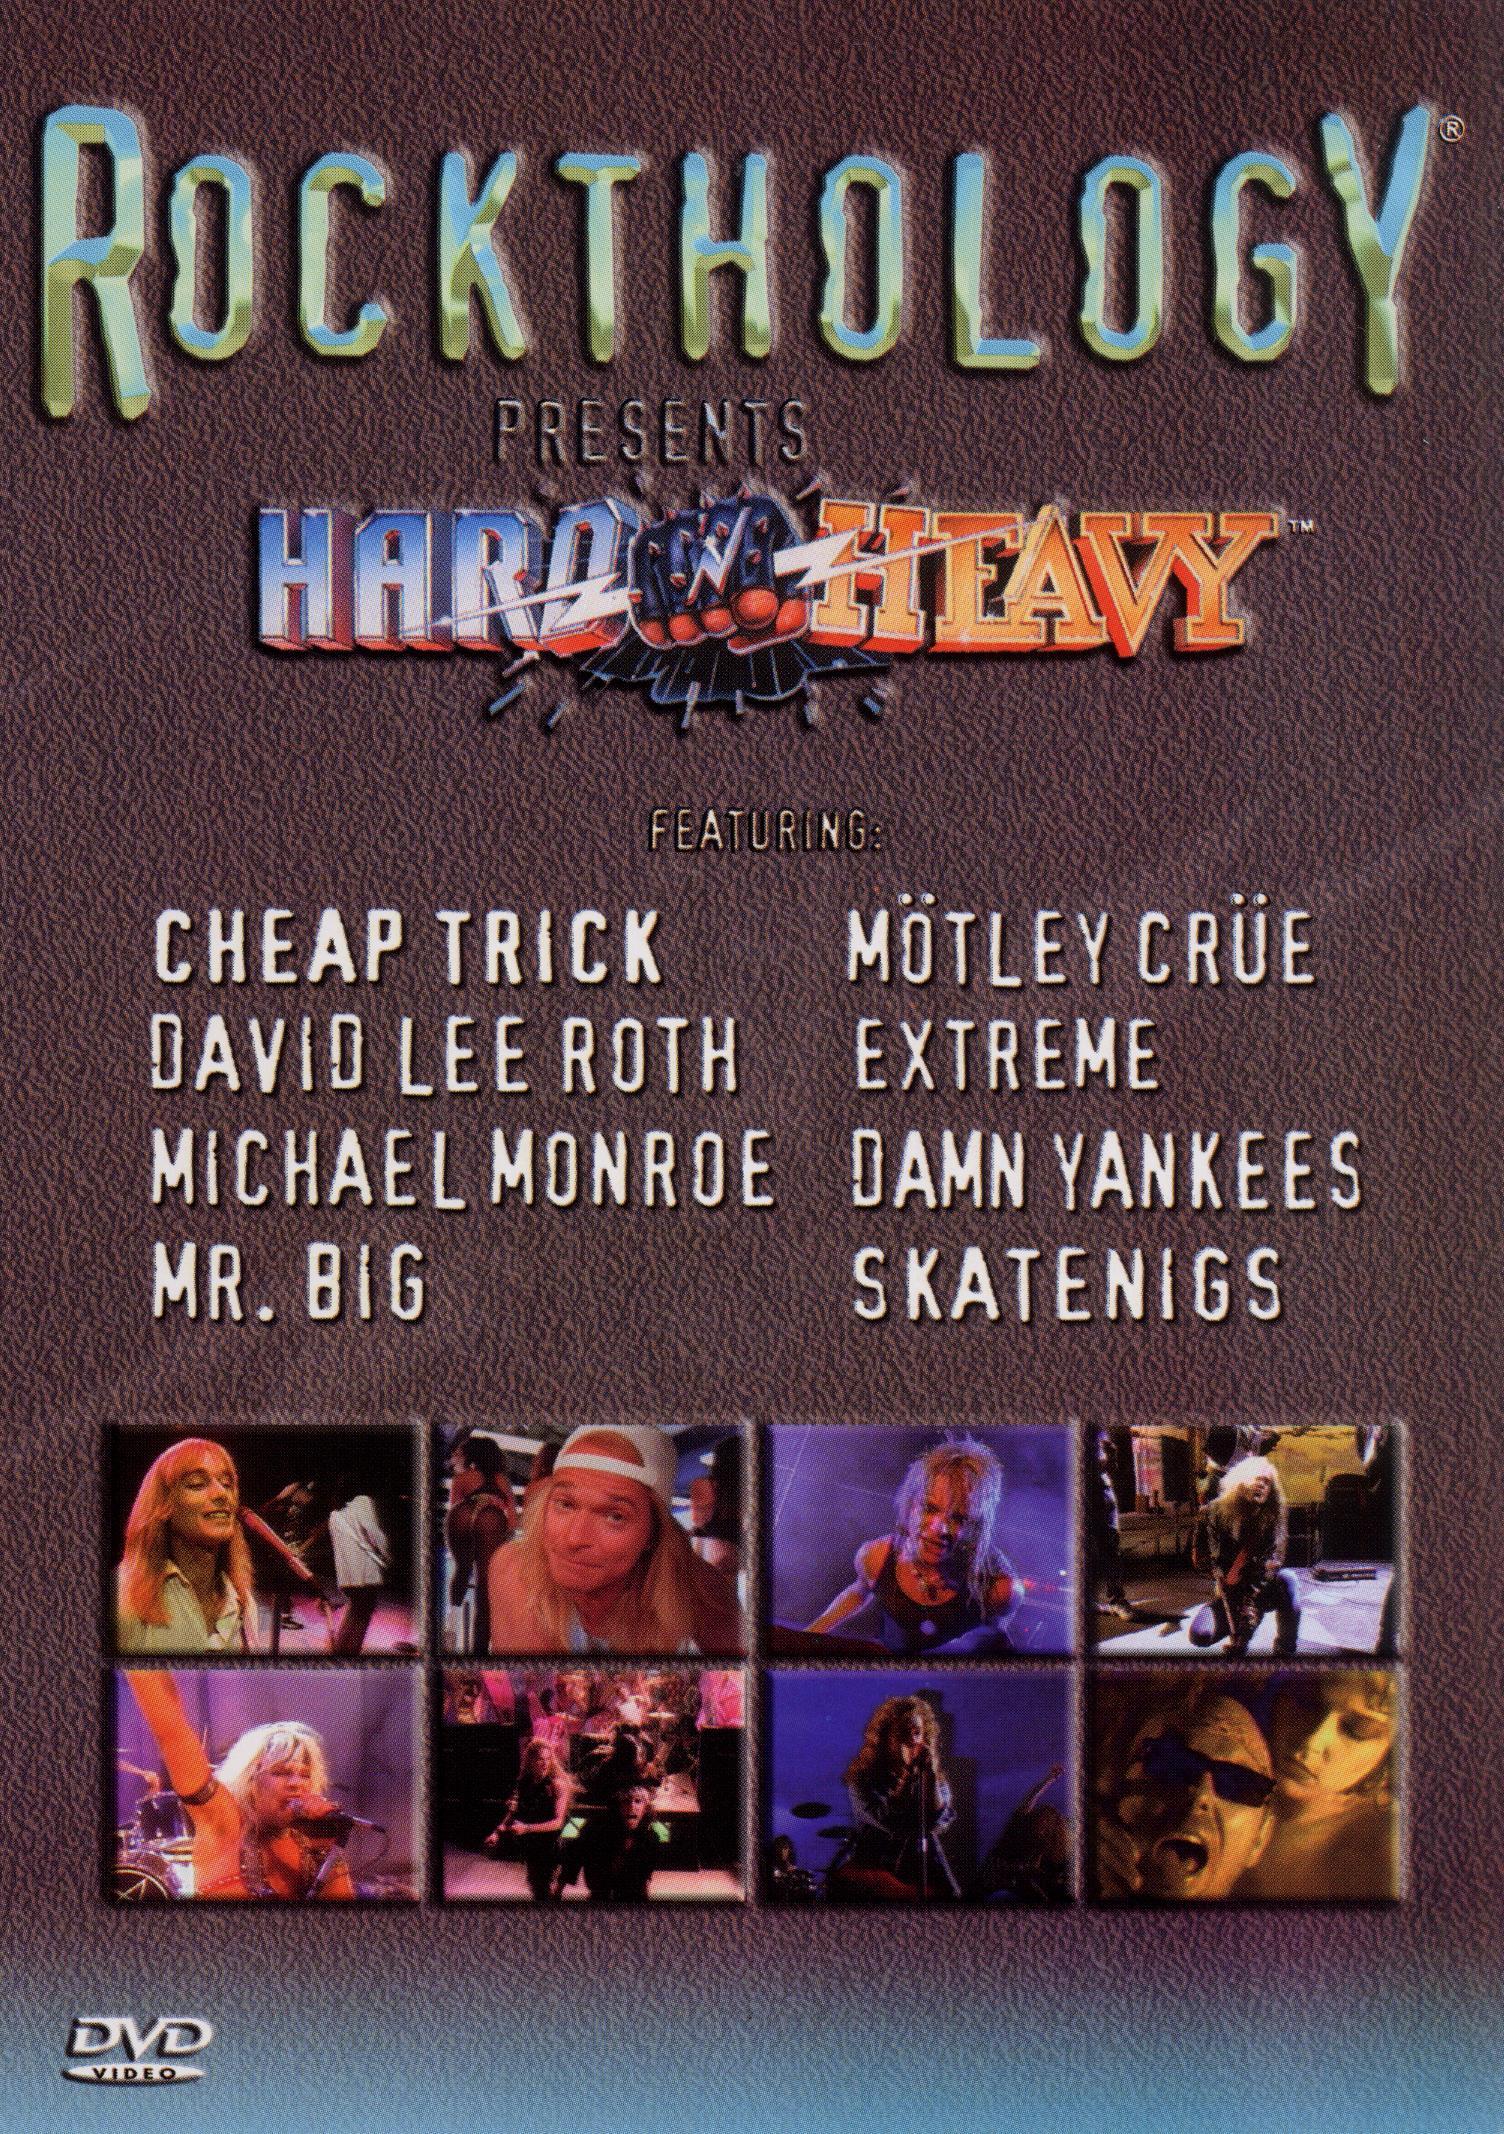 Rockthology Presents: Hard 'N' Heavy, Vol. 9